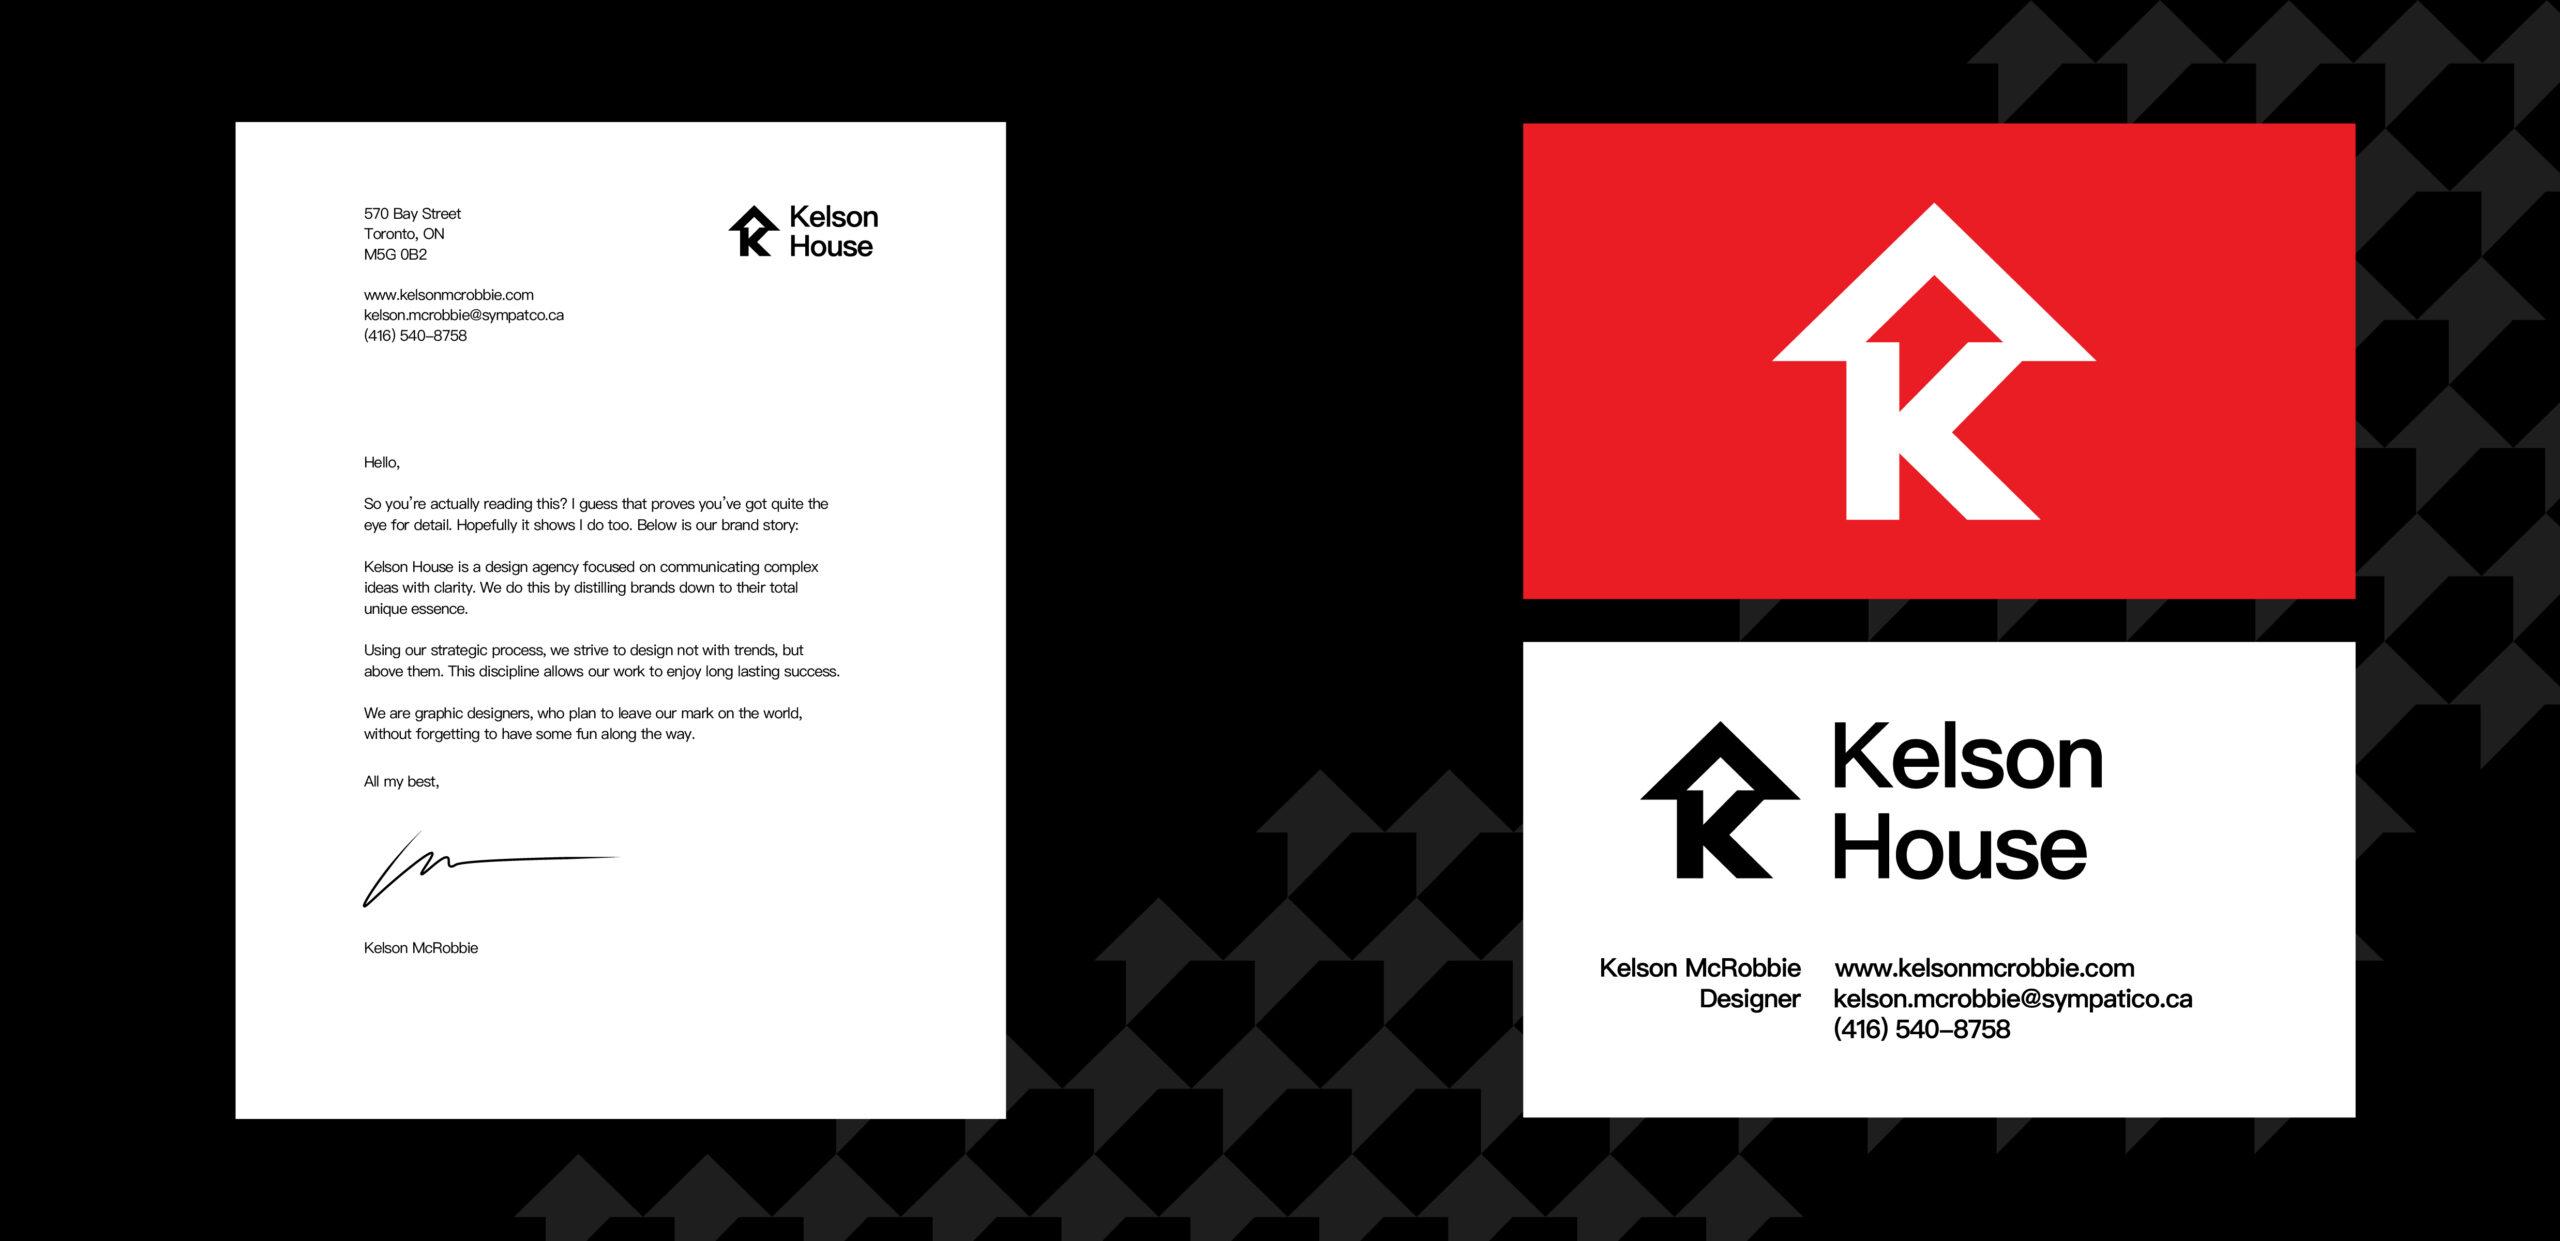 KelsonHouse_BrandBook-14